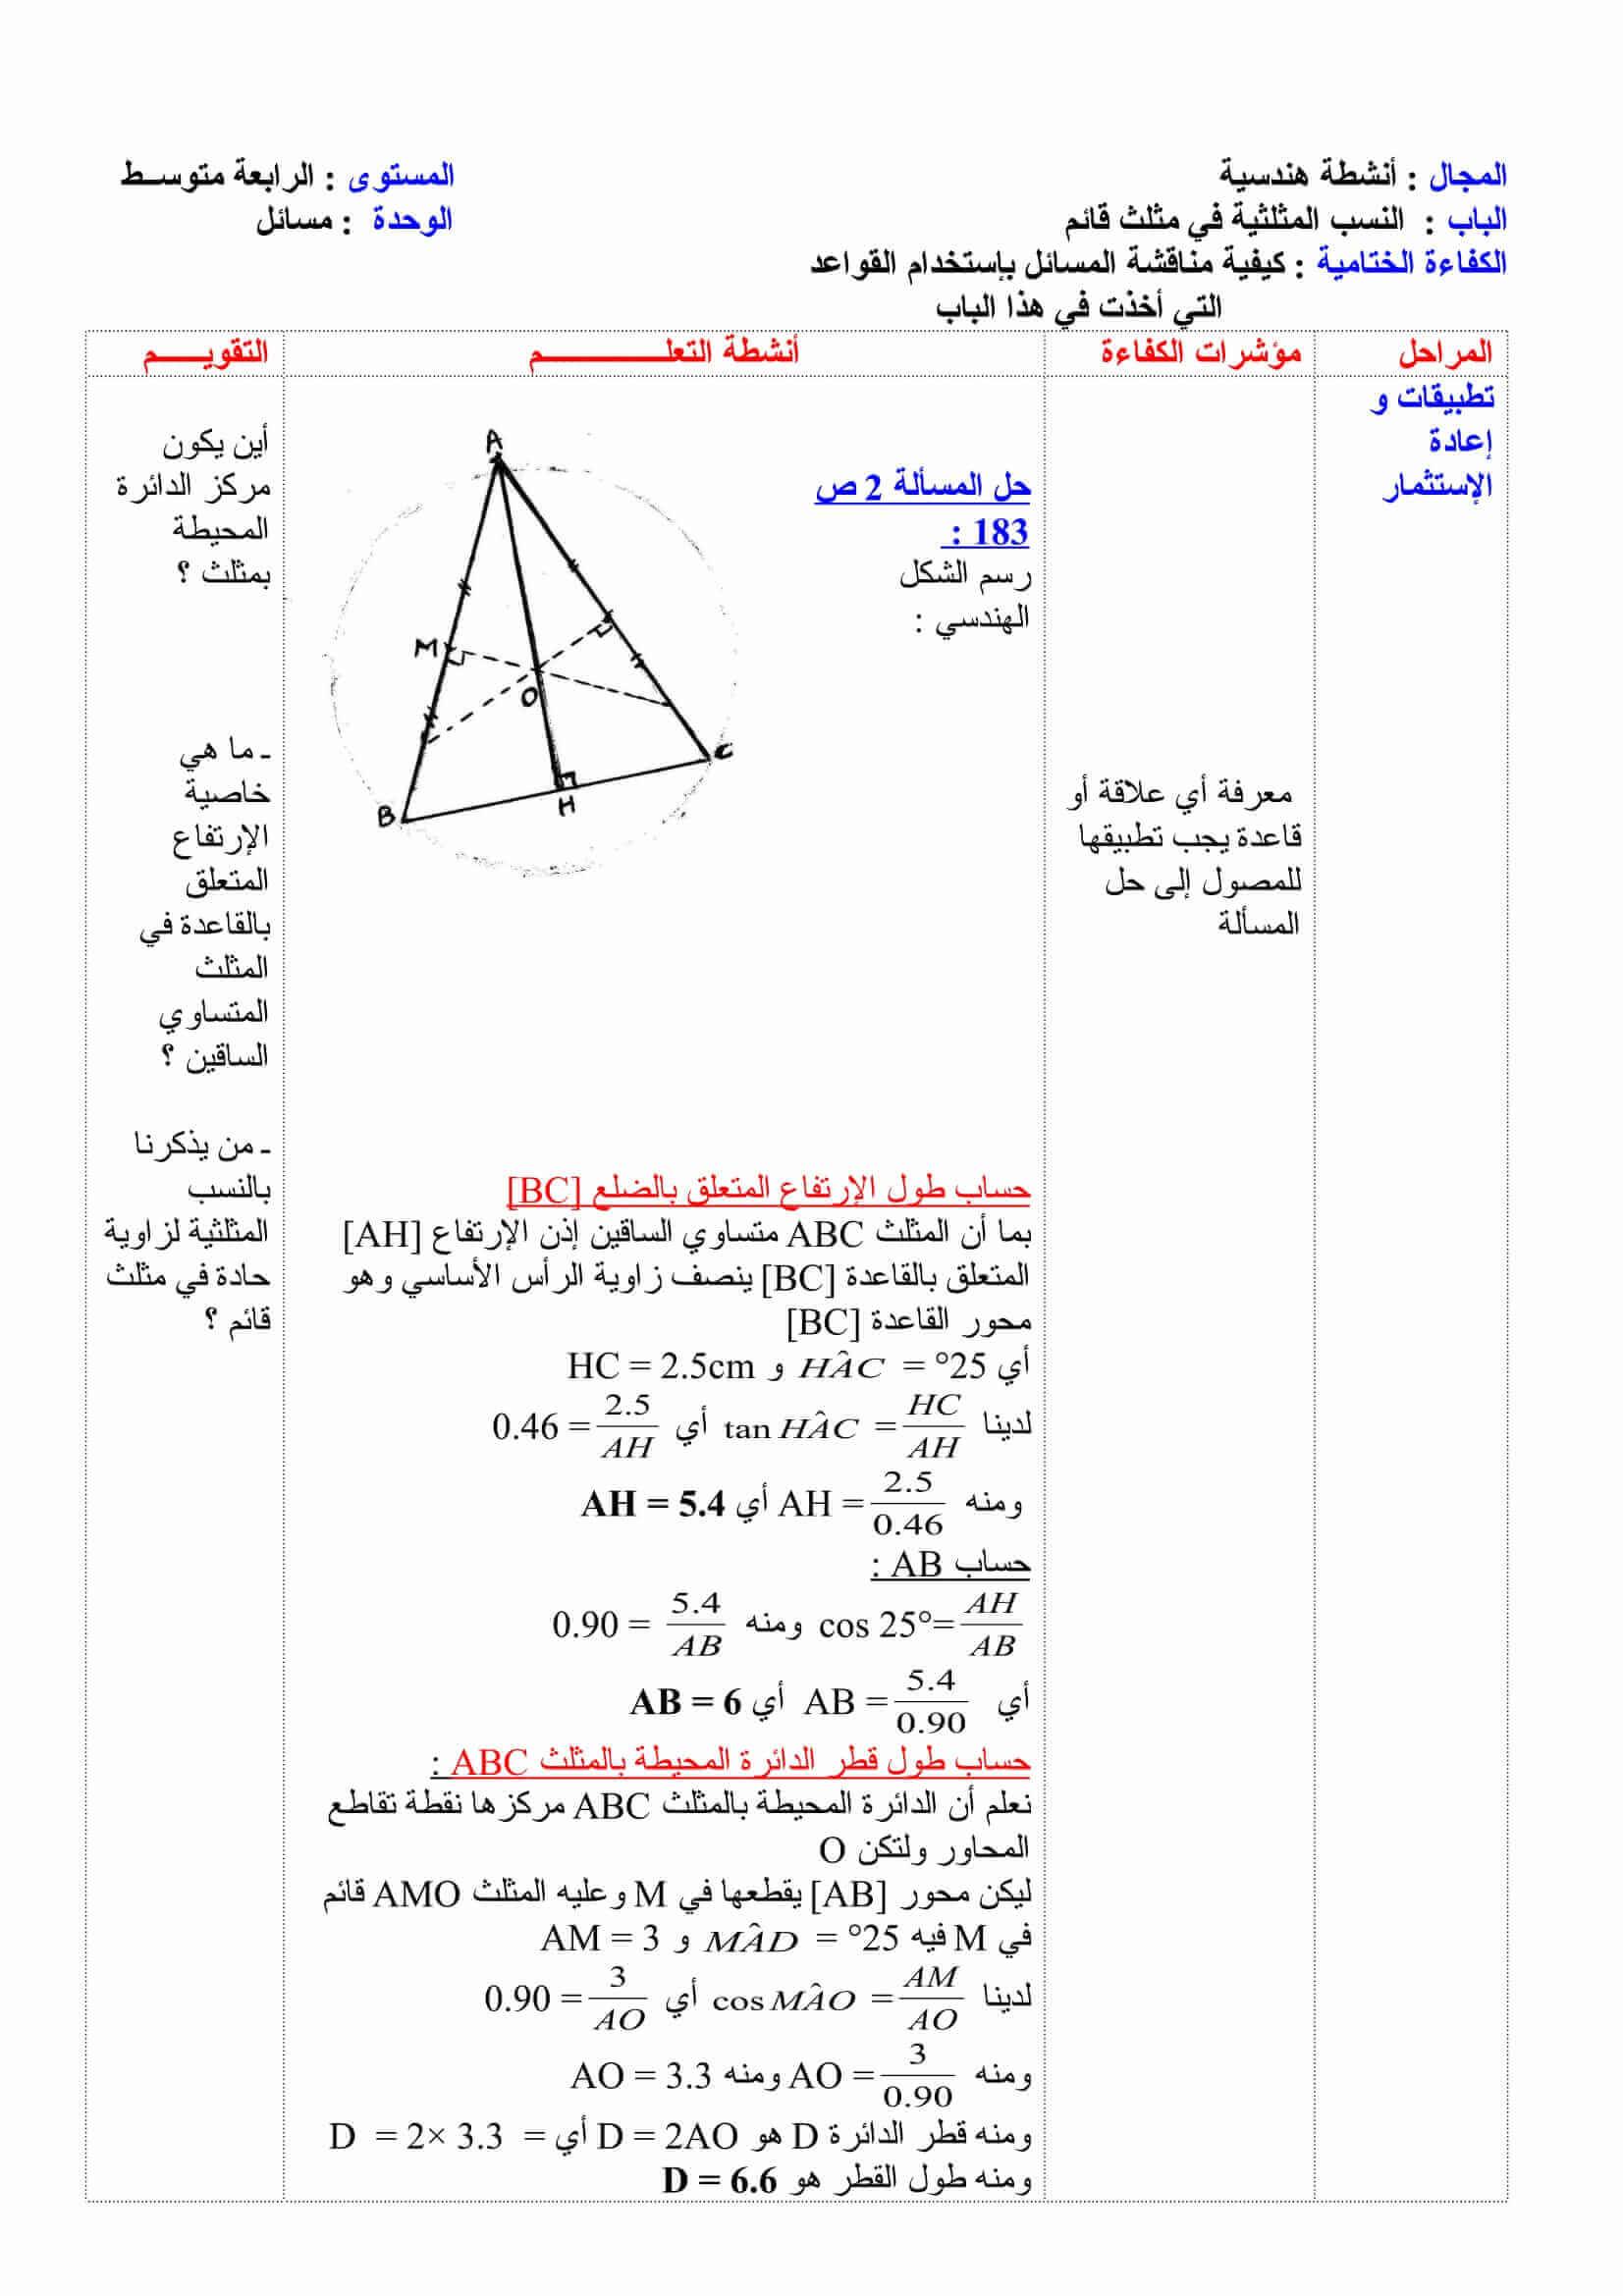 درس المثلث القائم الزاوية والدائرة للسنة الثانية إعدادي